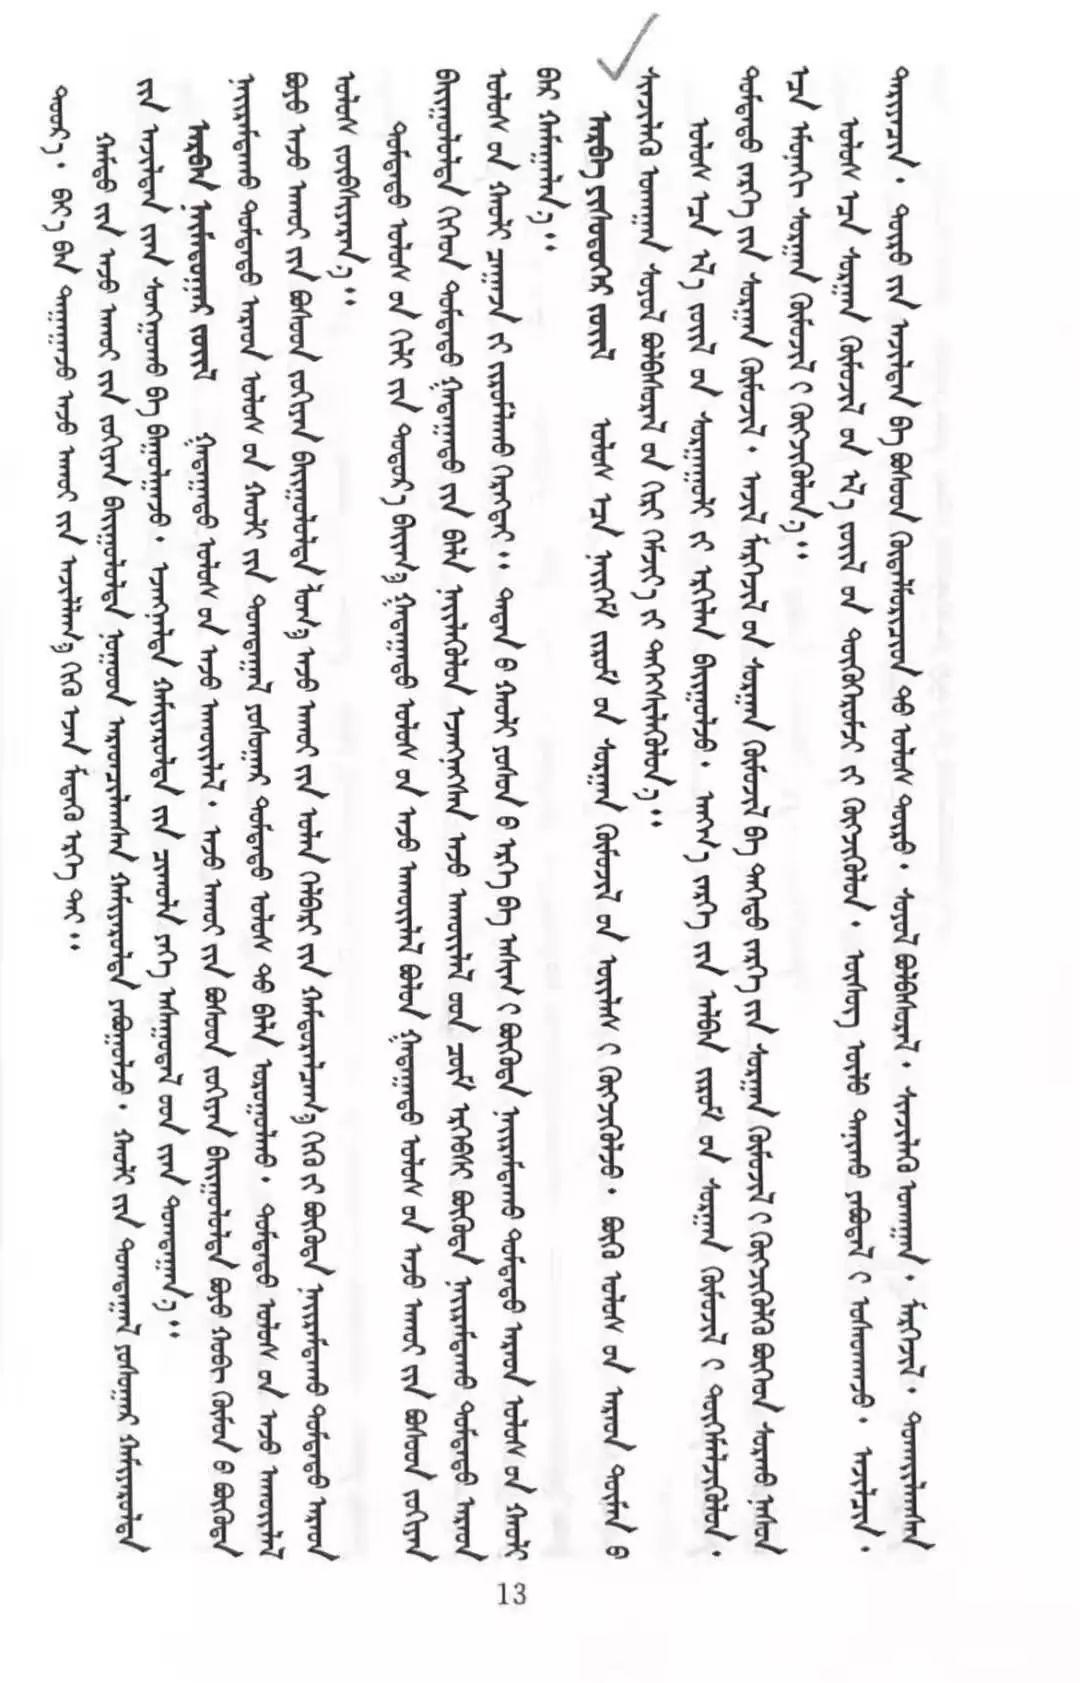 【民族政策宣传月】中华人民共和国宪法(一) 第3张 【民族政策宣传月】中华人民共和国宪法(一) 蒙古文库